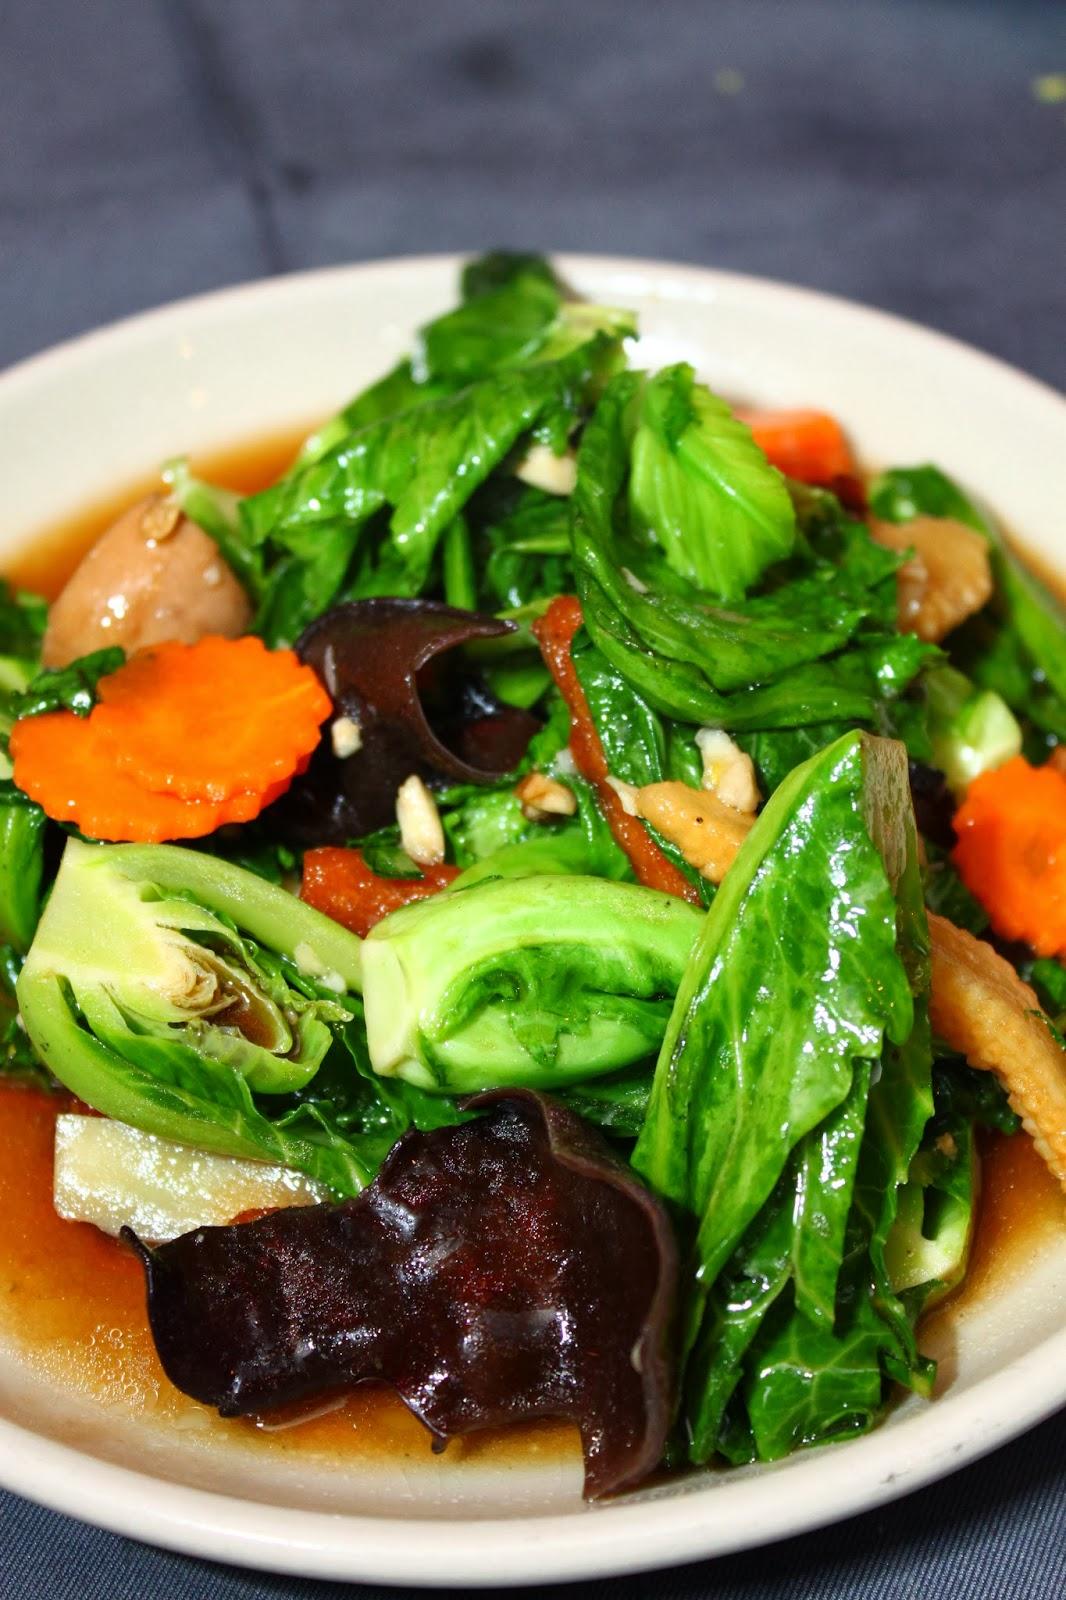 Sri ayutthaya thai food restaurant usj 11 subang jaya for Ayutthaya thai cuisine